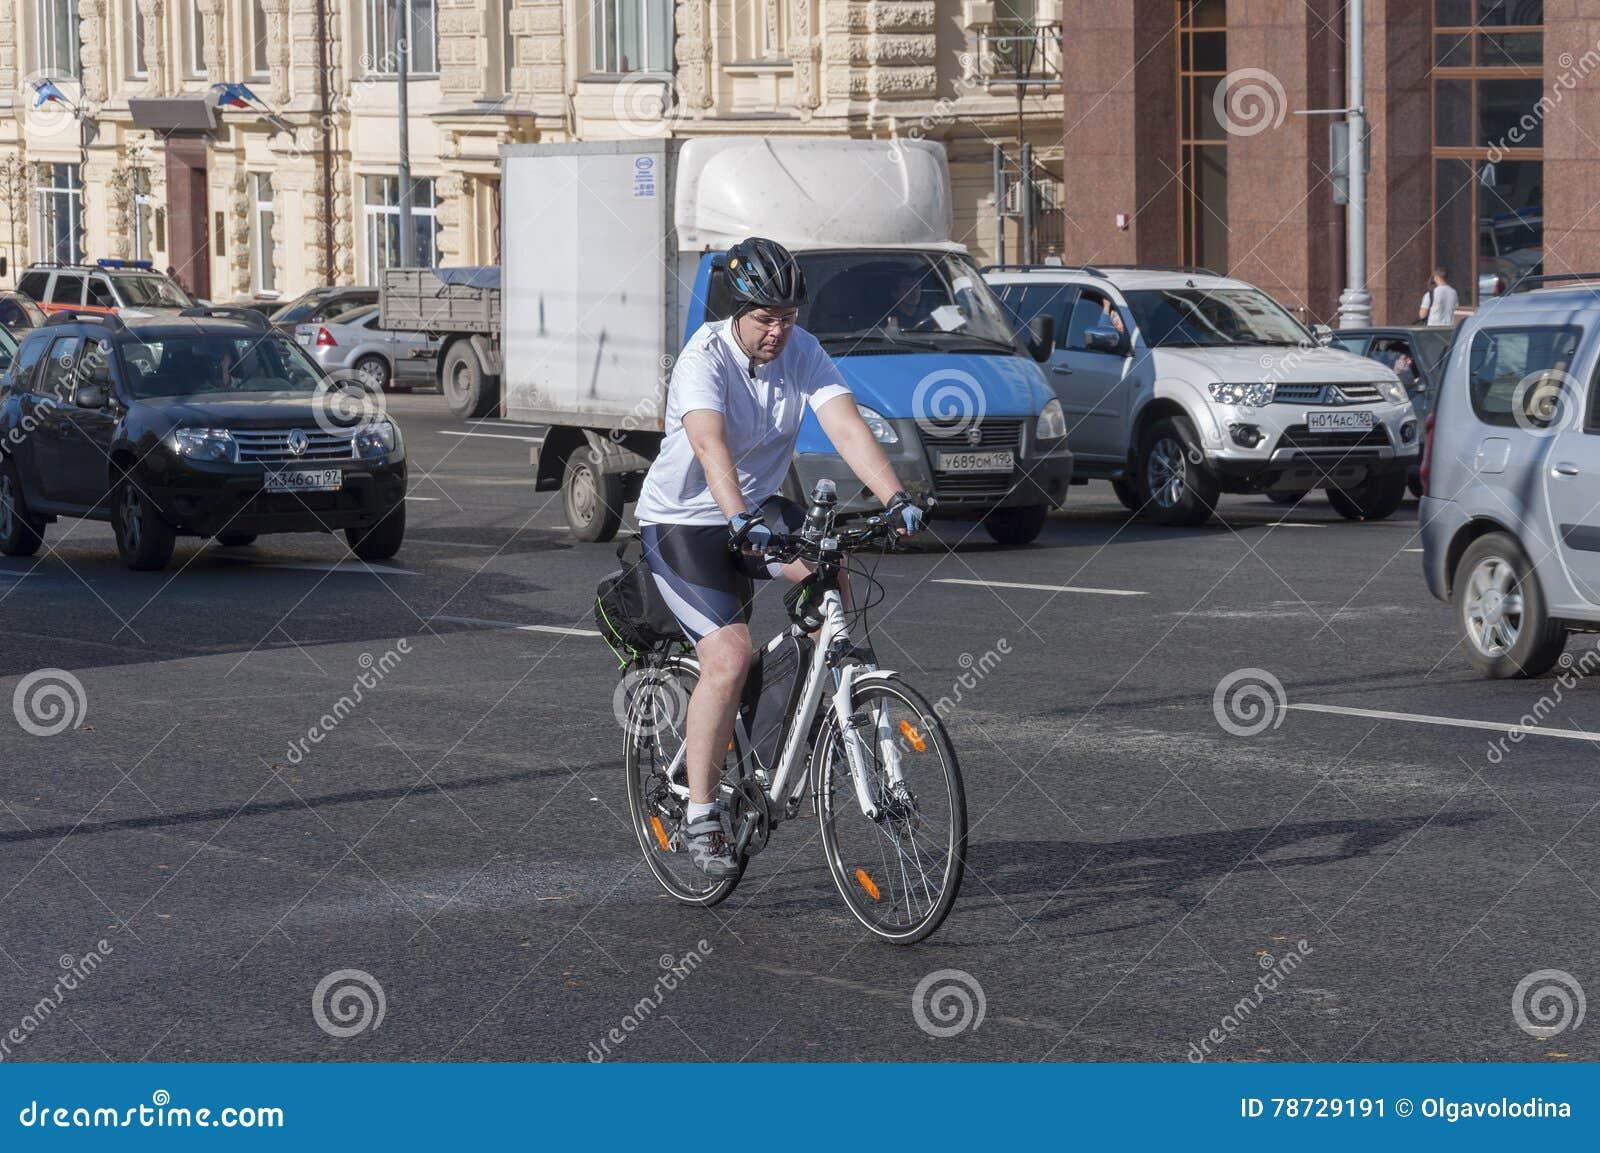 Moskva Ryssland 21 09 2015 Mannen på cykeln rider i trafik på teatergatan